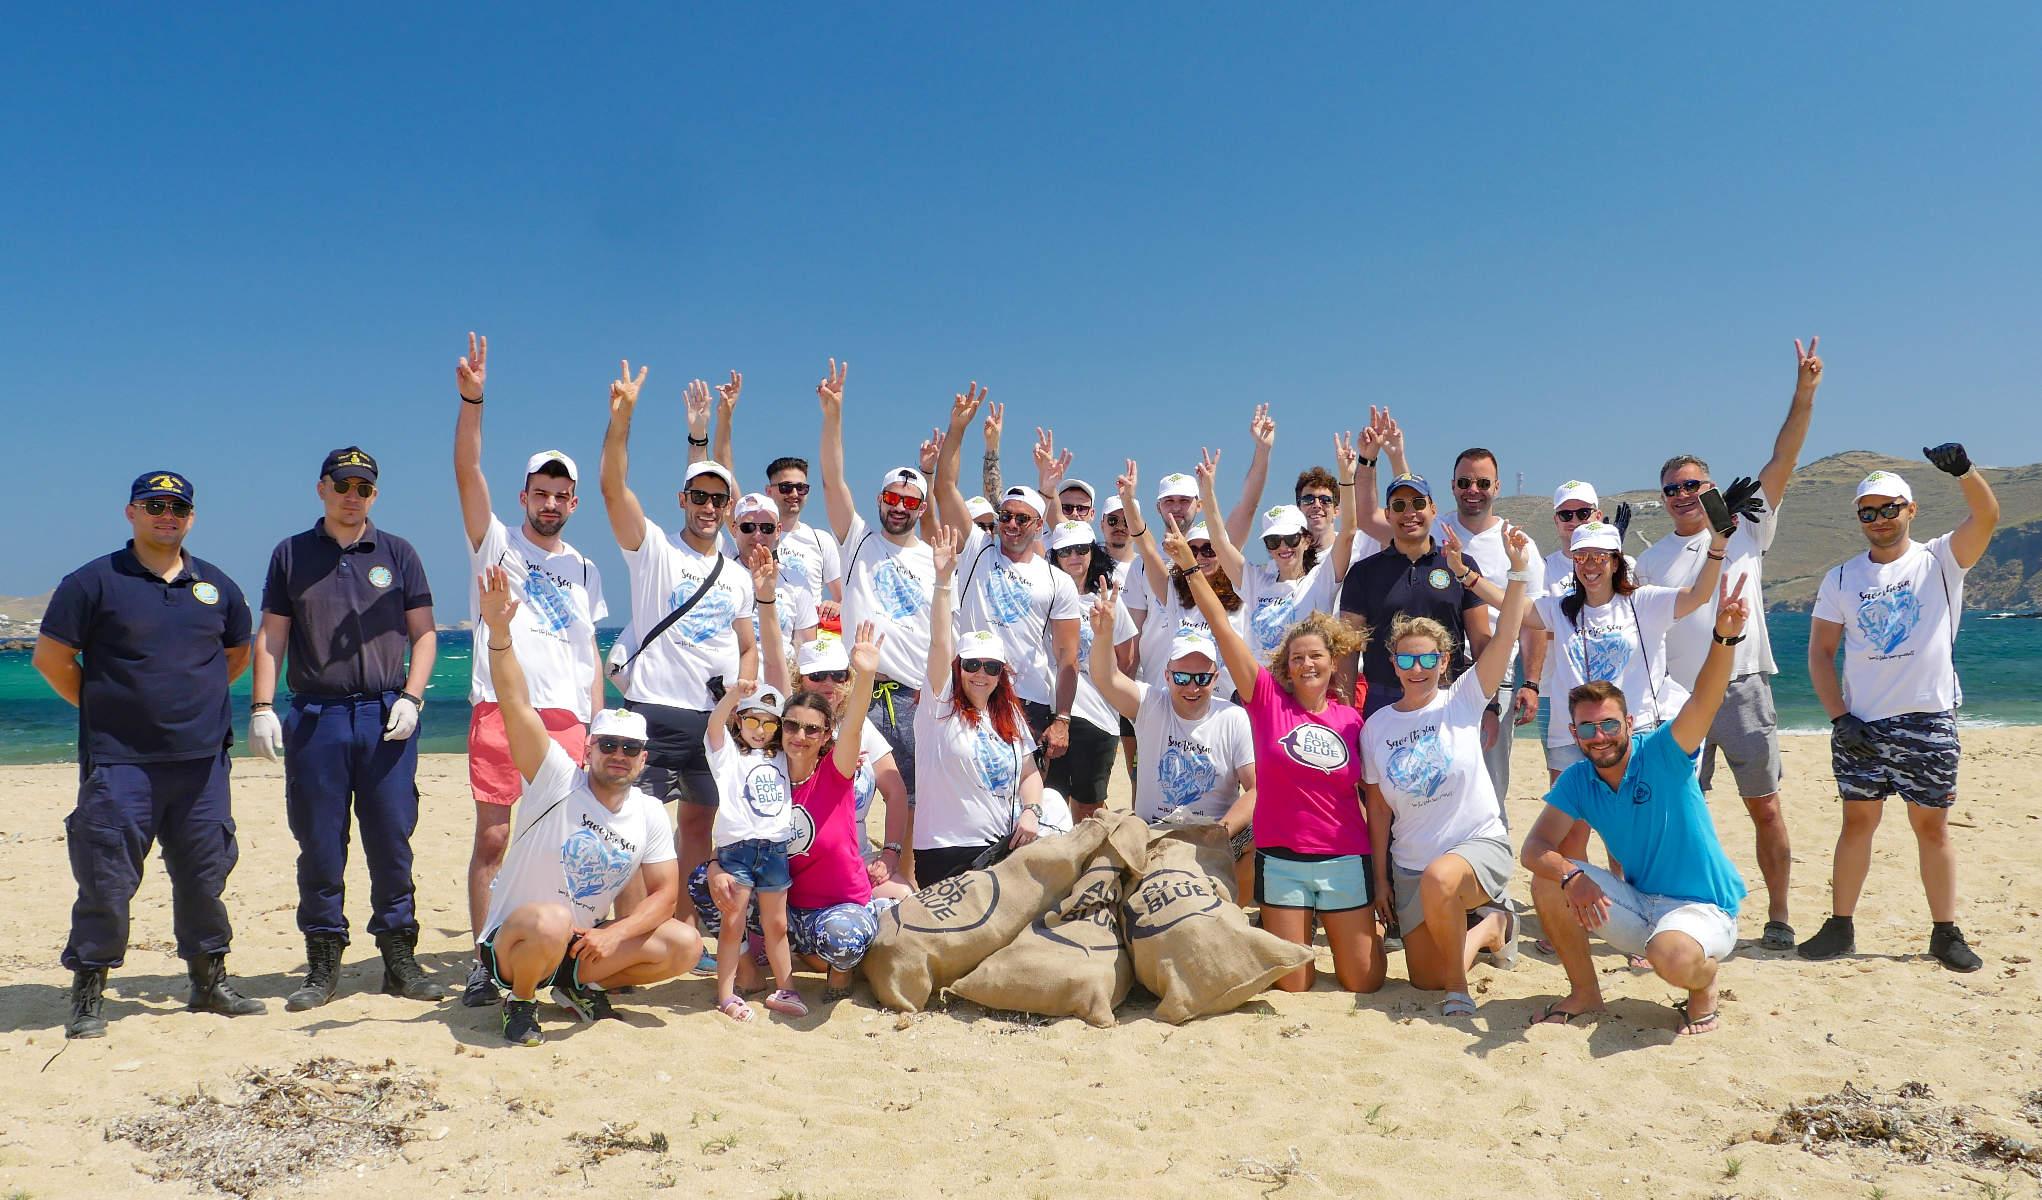 Σχεδόν 32 τόνους απορριμμάτων από τη θάλασσα των Κυκλάδων μάζεψε η ομάδα All for Blue